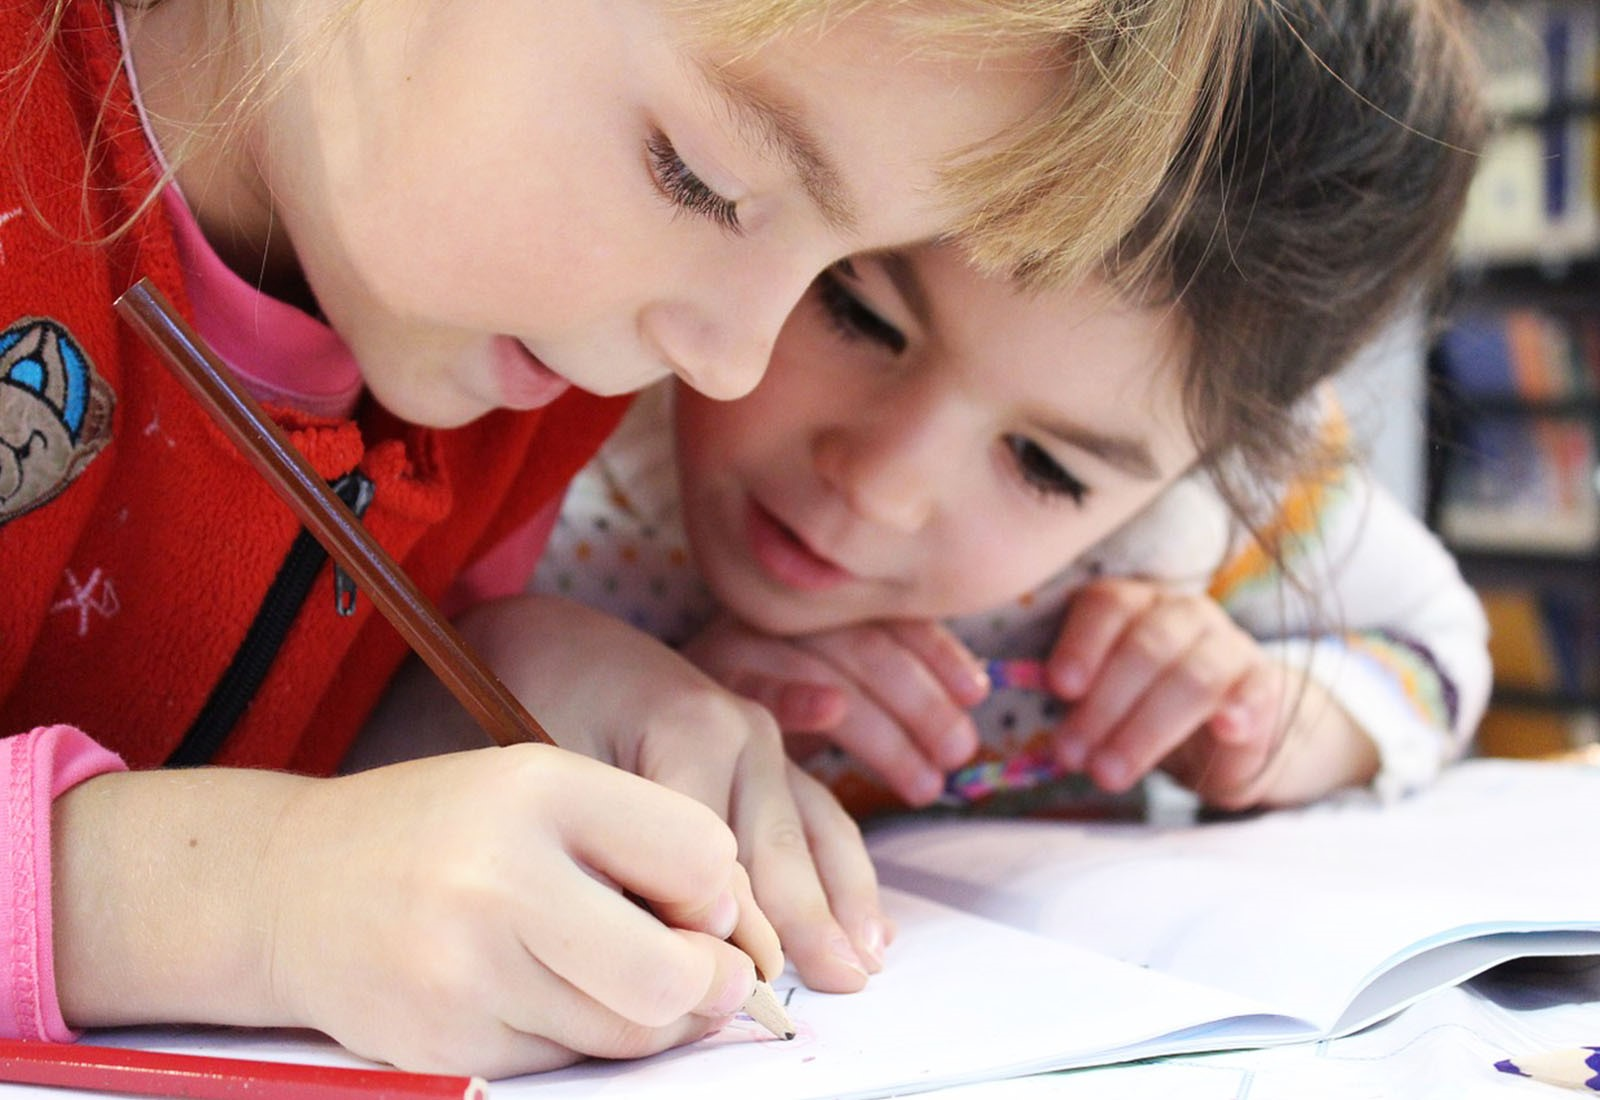 Les symptômes de la dyslexie se manifestent assez tôt chez l'enfant pour […]